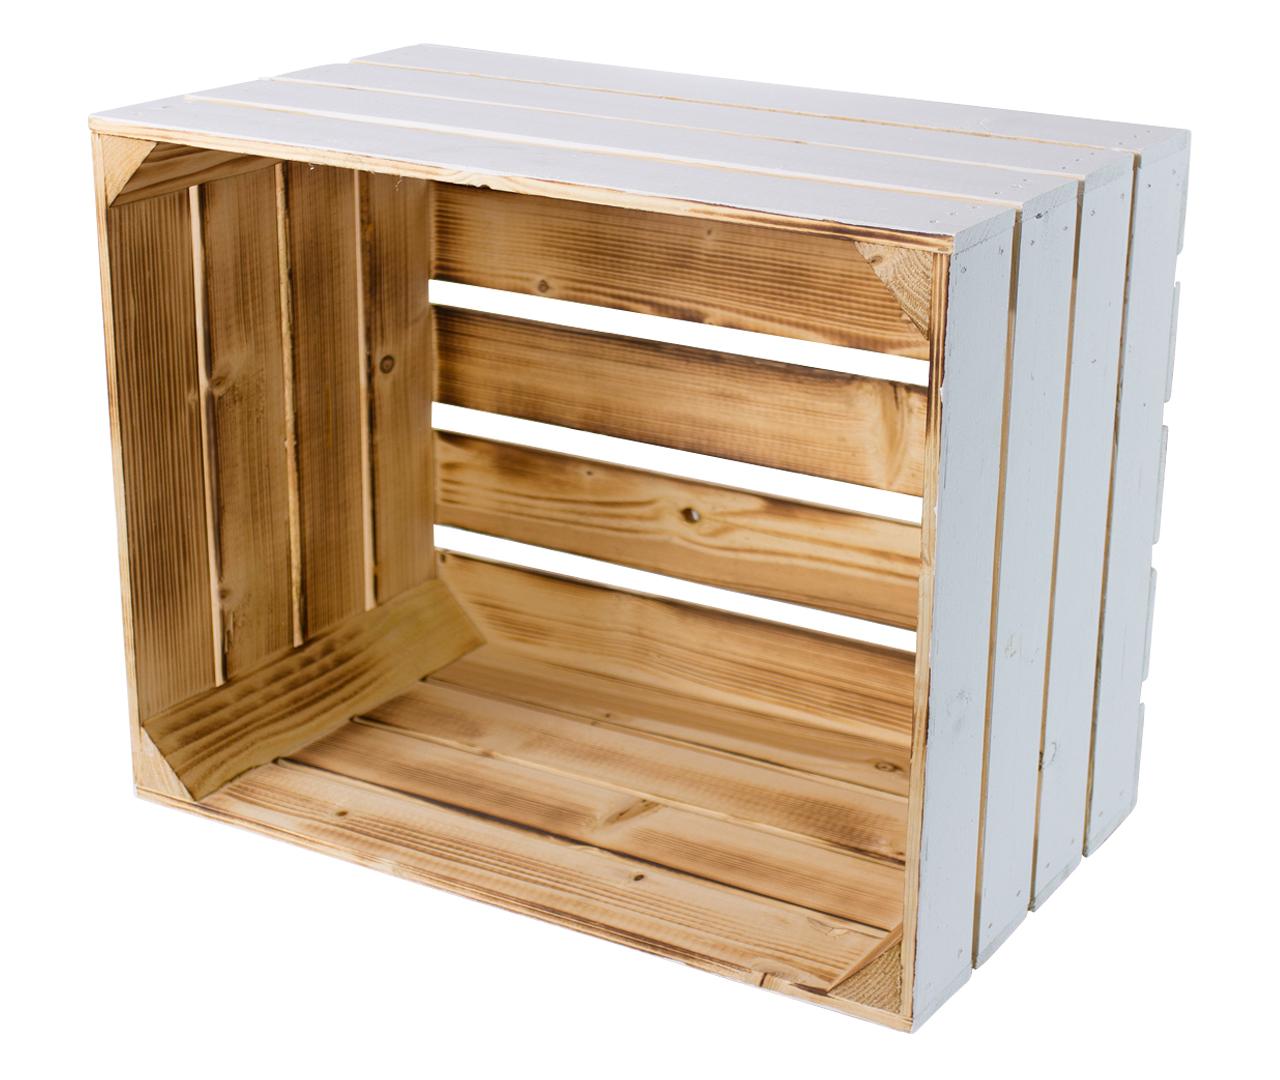 Holzkiste außen weiß innen geflammt 50x40x30cm